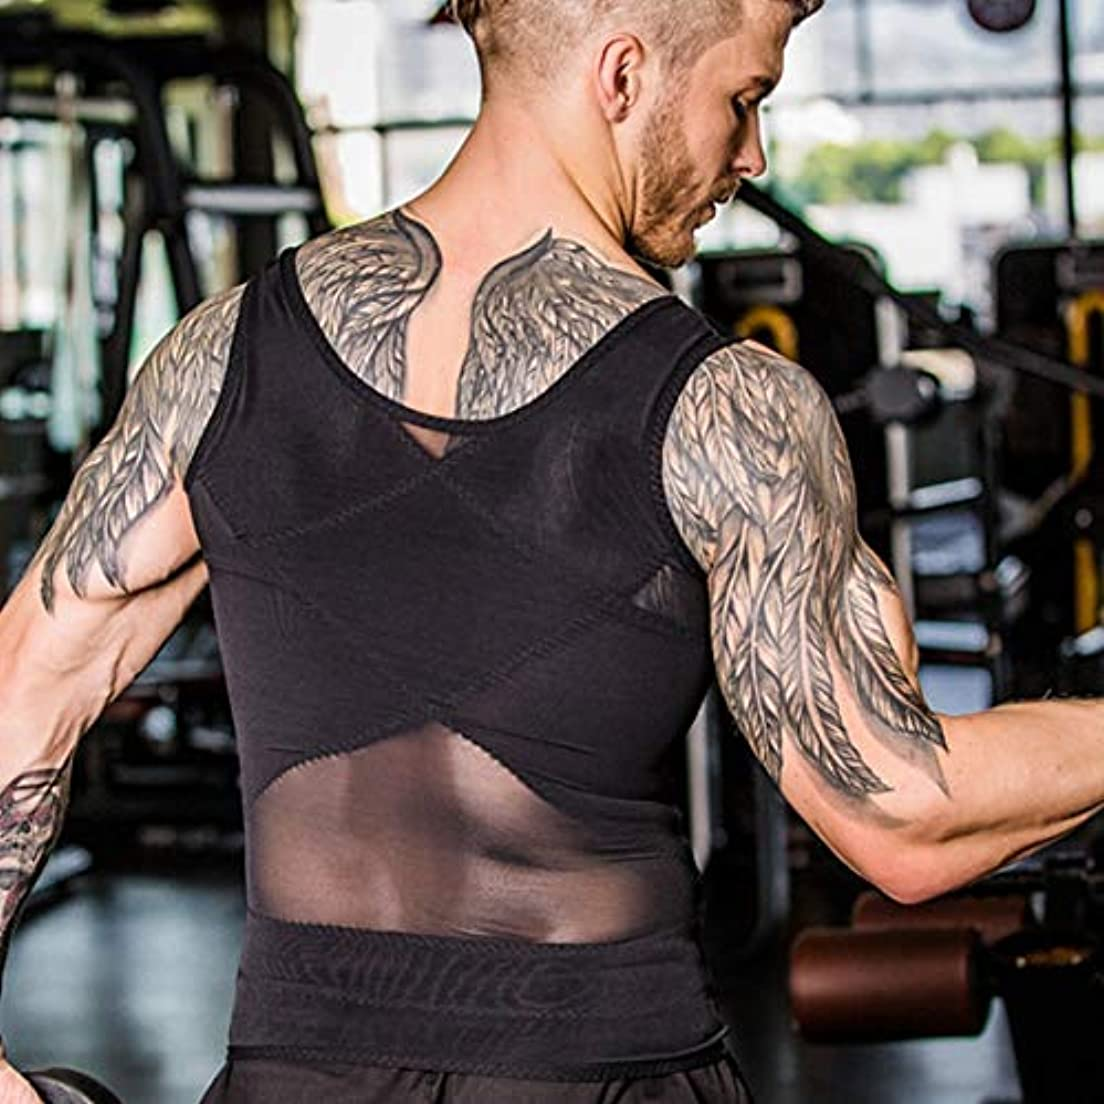 世界記録のギネスブック権利を与えるむしろボディ型ノースリーブベストボディシェイパーチューニング腹ウエストトレーナーコルセットトップス快適な下着服シェイプウェア